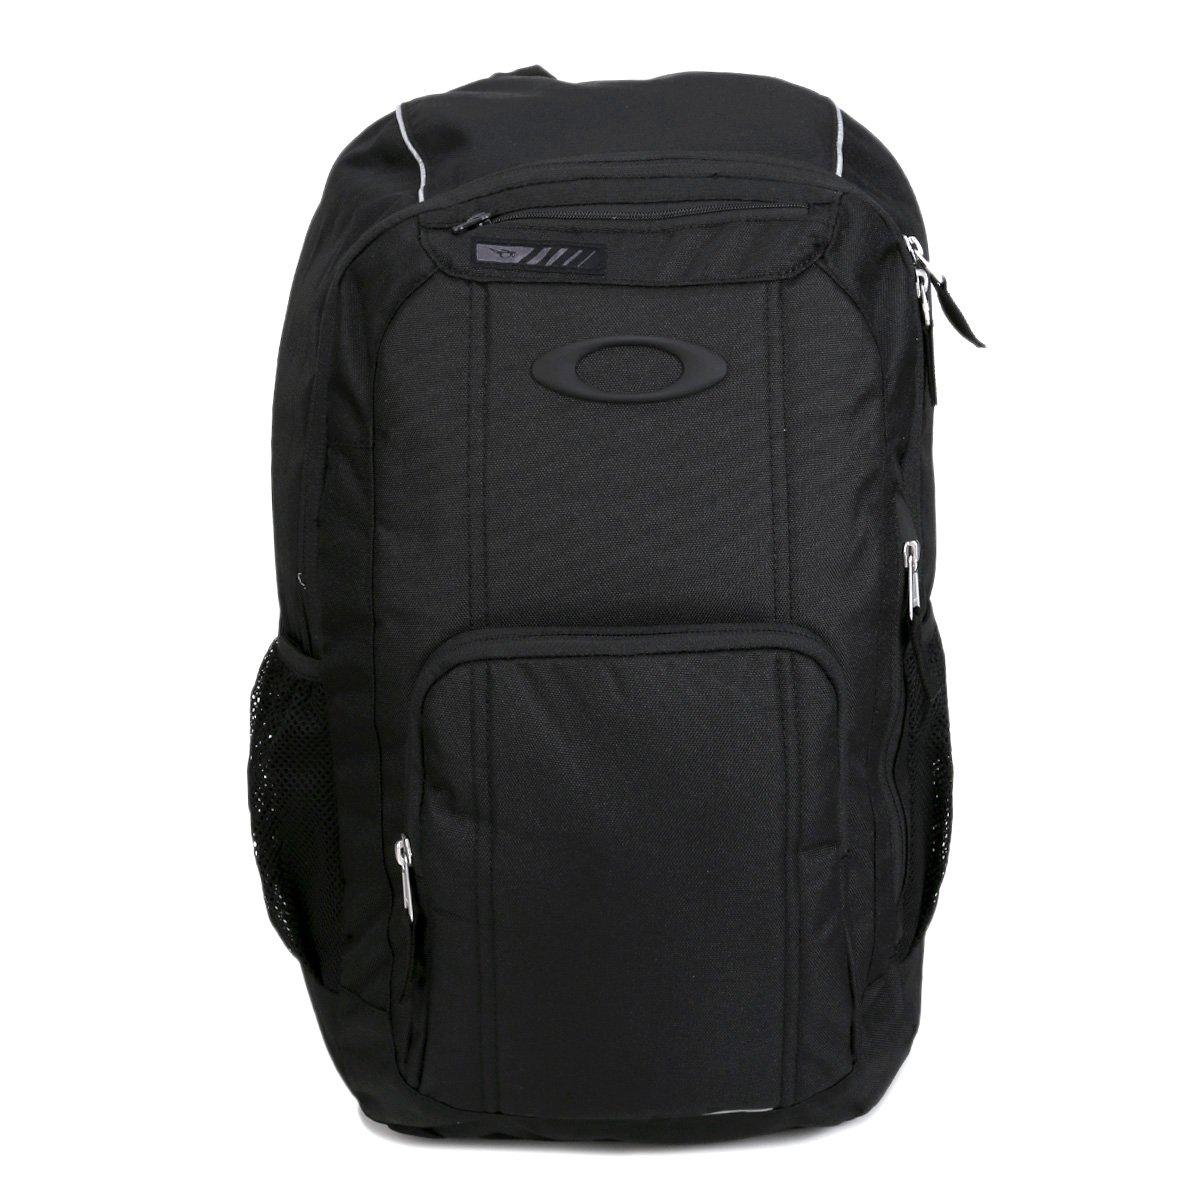 Mochila Oakley Enduro 25L 2.0 Masculina - Preto - Compre Agora ... dd1bb7cae88